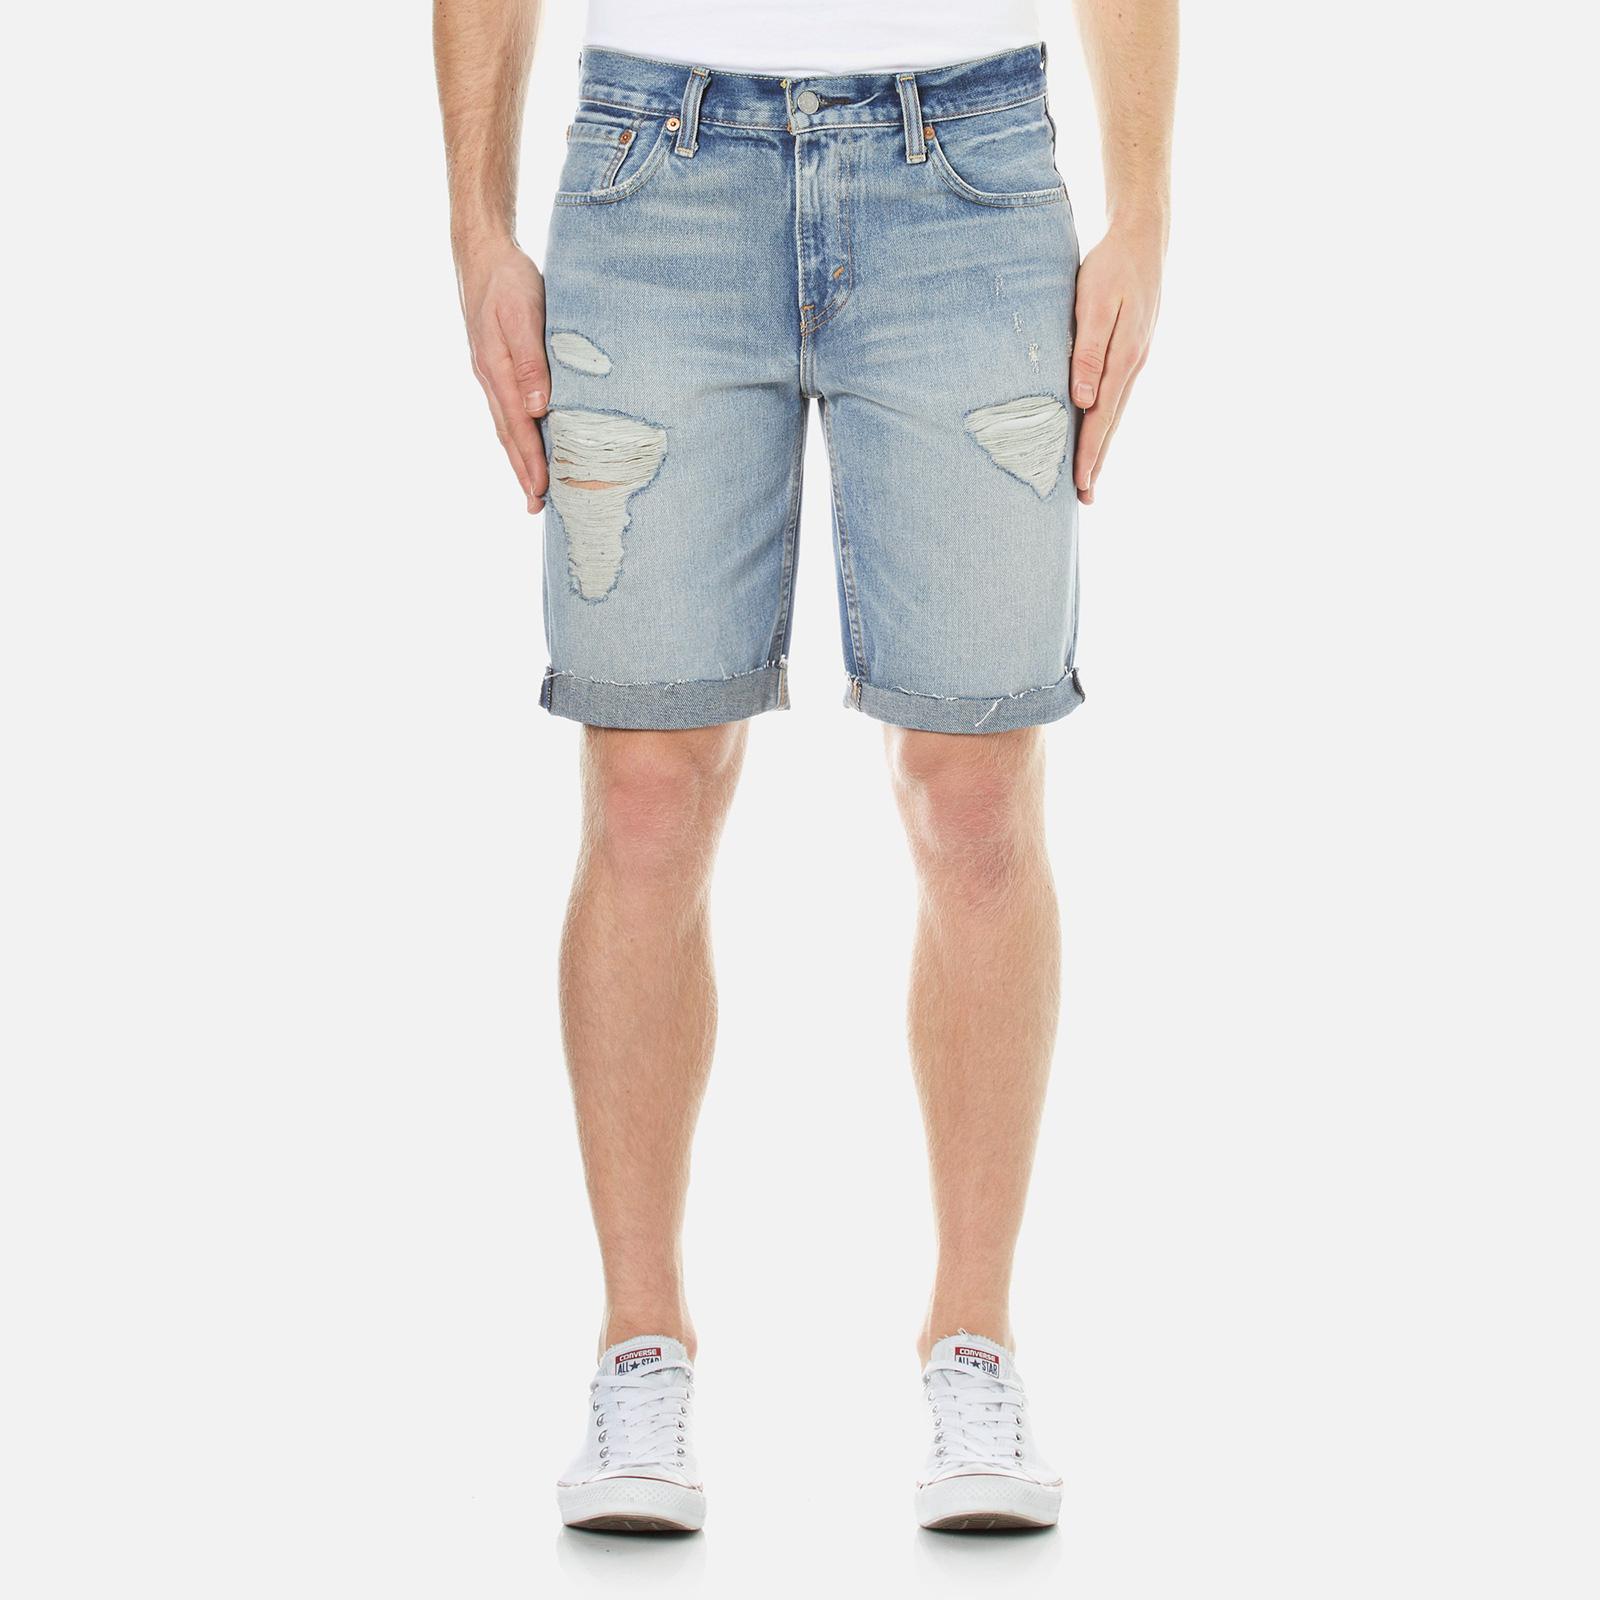 76fce327 Levi's Men's 511 Slim Cut Off Short Jeans - Surfside - Free UK Delivery  over £50